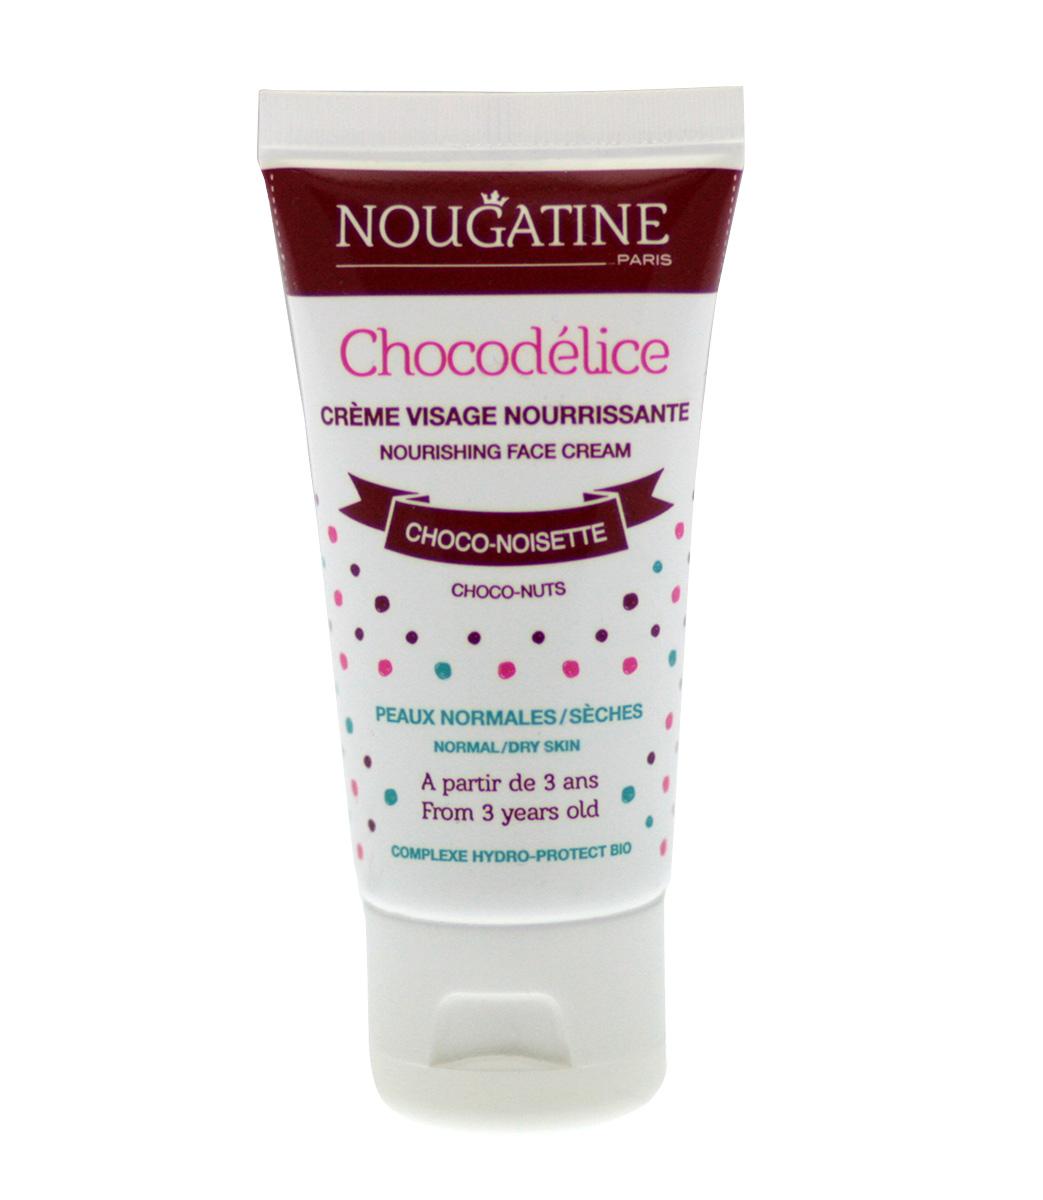 Nougatine - Chocodélice - crème visage enfant nourrissante